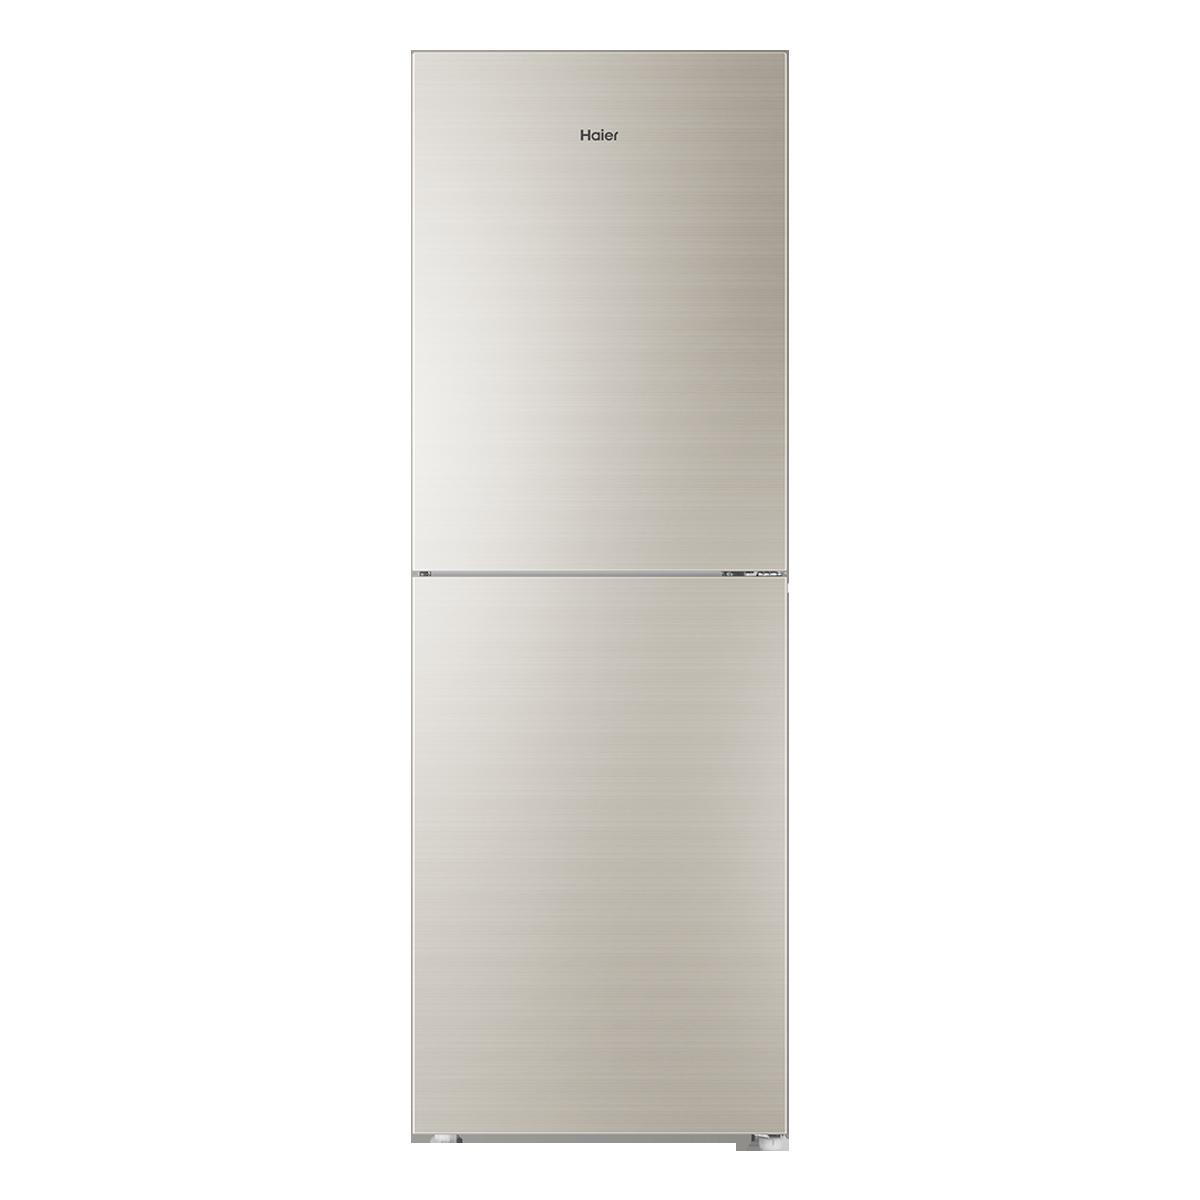 海尔Haier冰箱 BCD-309WMCO 说明书